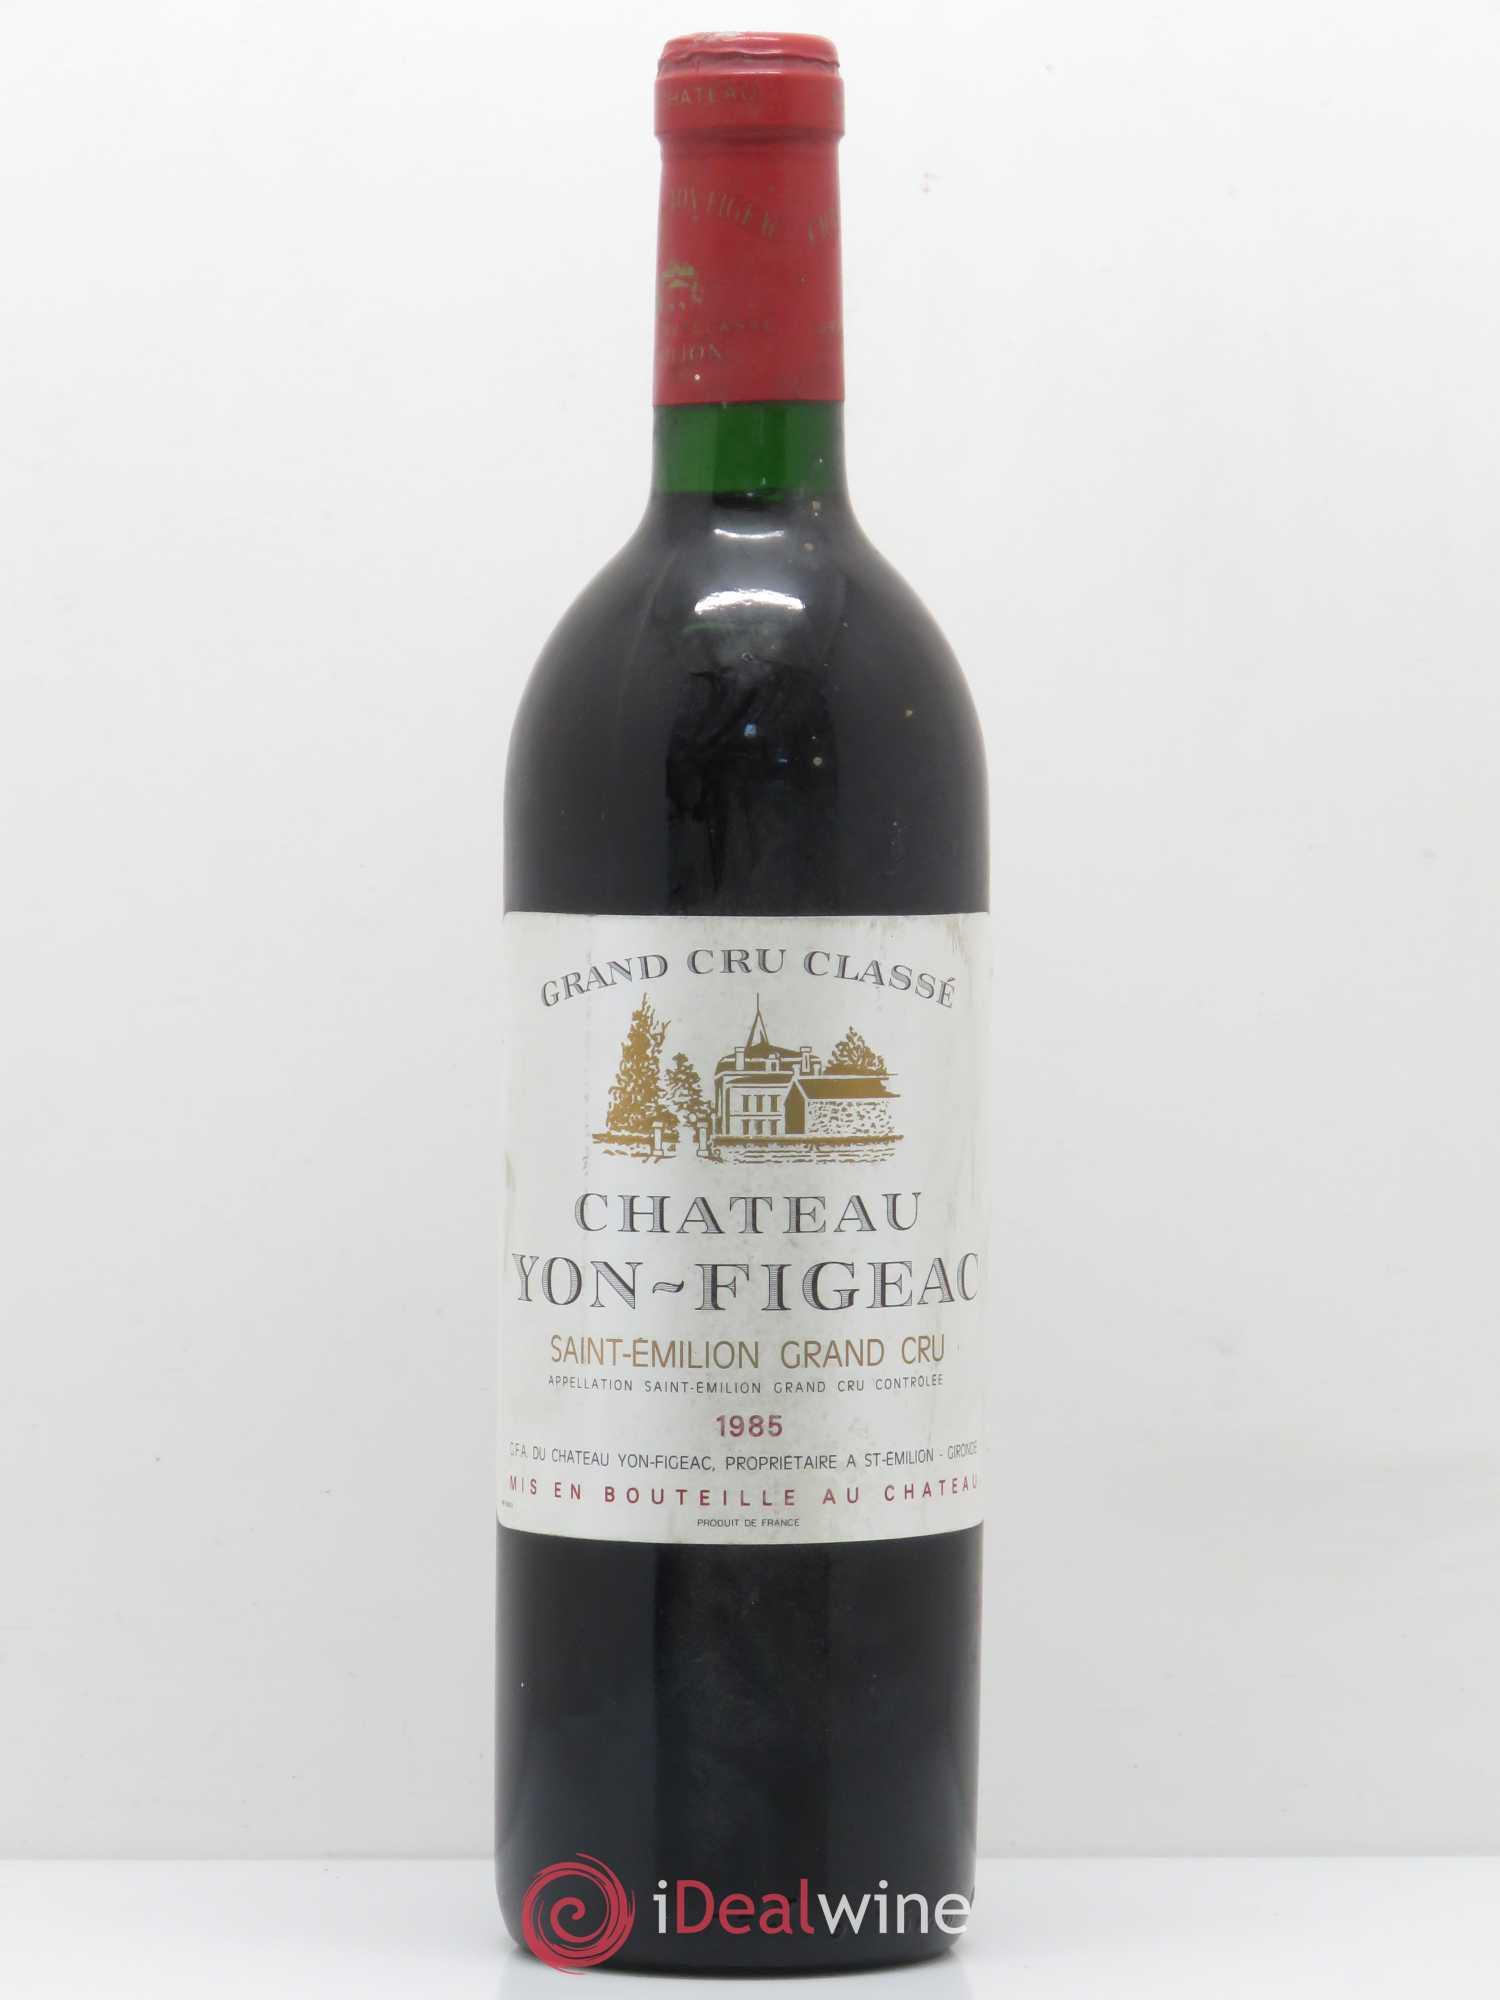 Château Yon Figeac Grand Cru Classé 1985